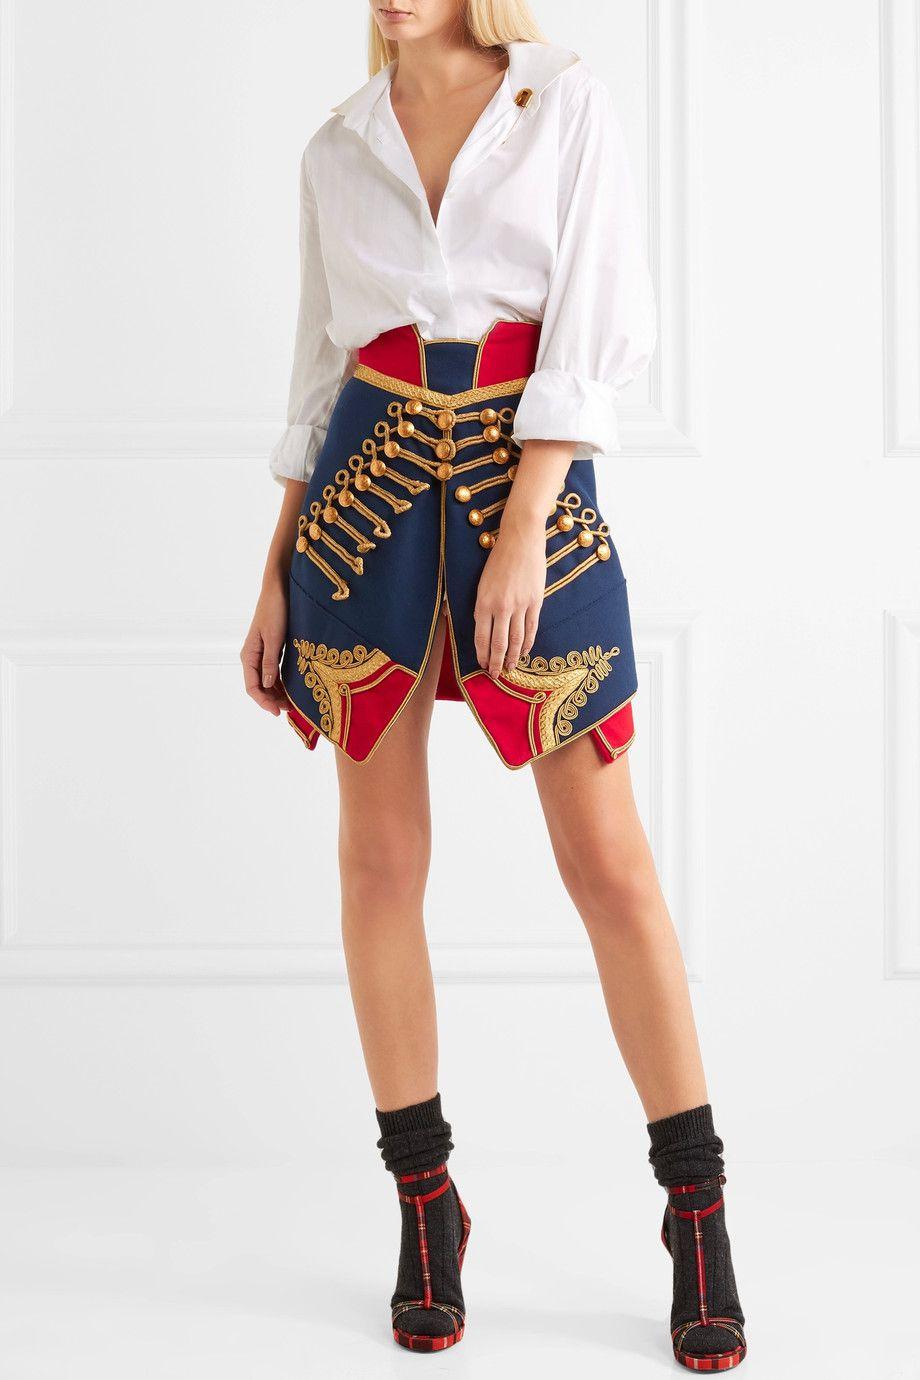 Izgleda da ćemo jesen provesti u suknjama: Evo najljepših modela